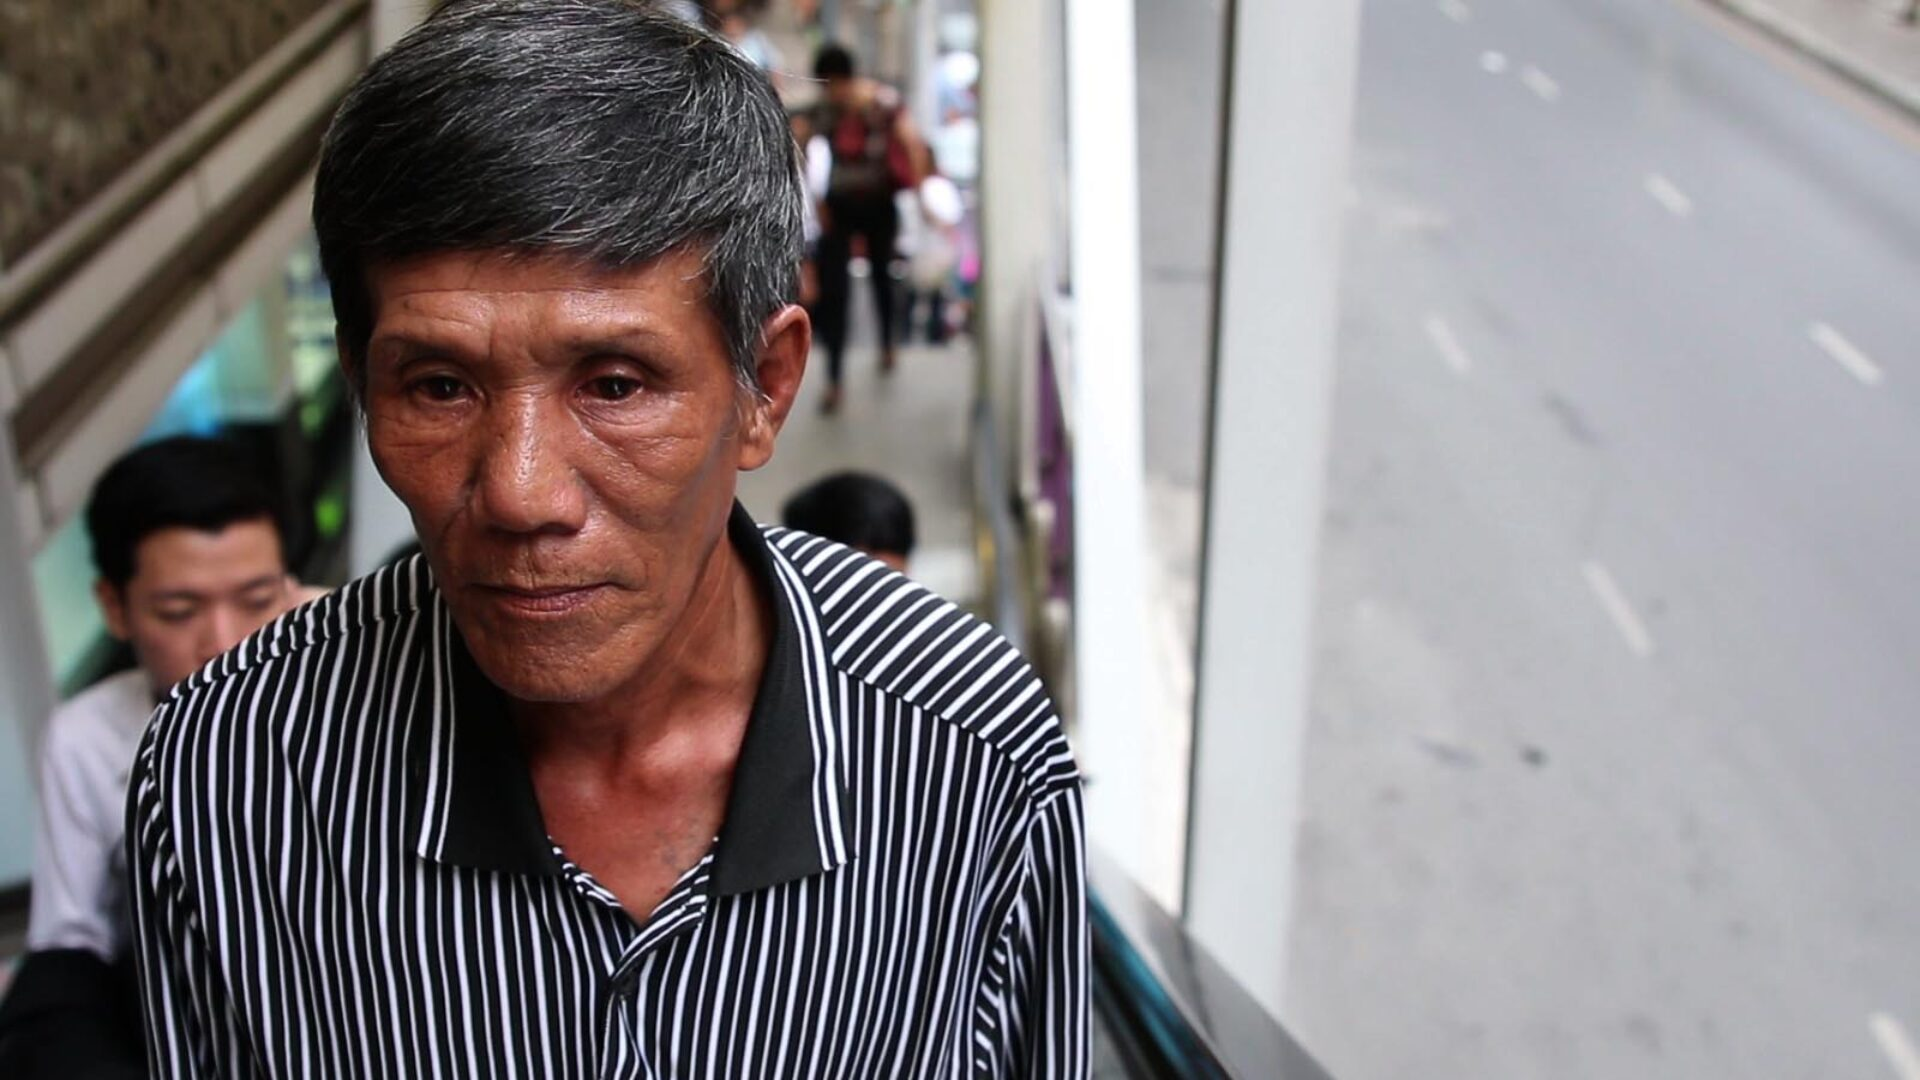 Phỏng vấn nhà làm phim Đức Nguyễn: Không còn gì để mất